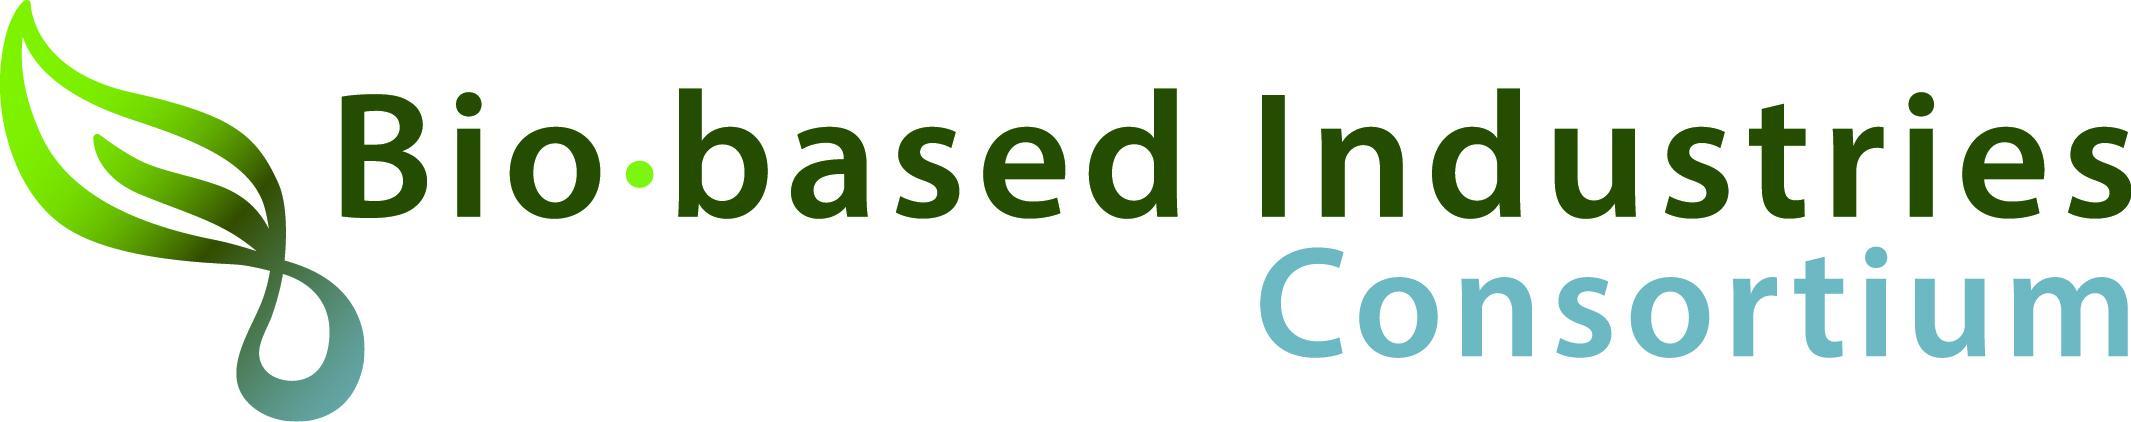 Bio Based Industries Consortium